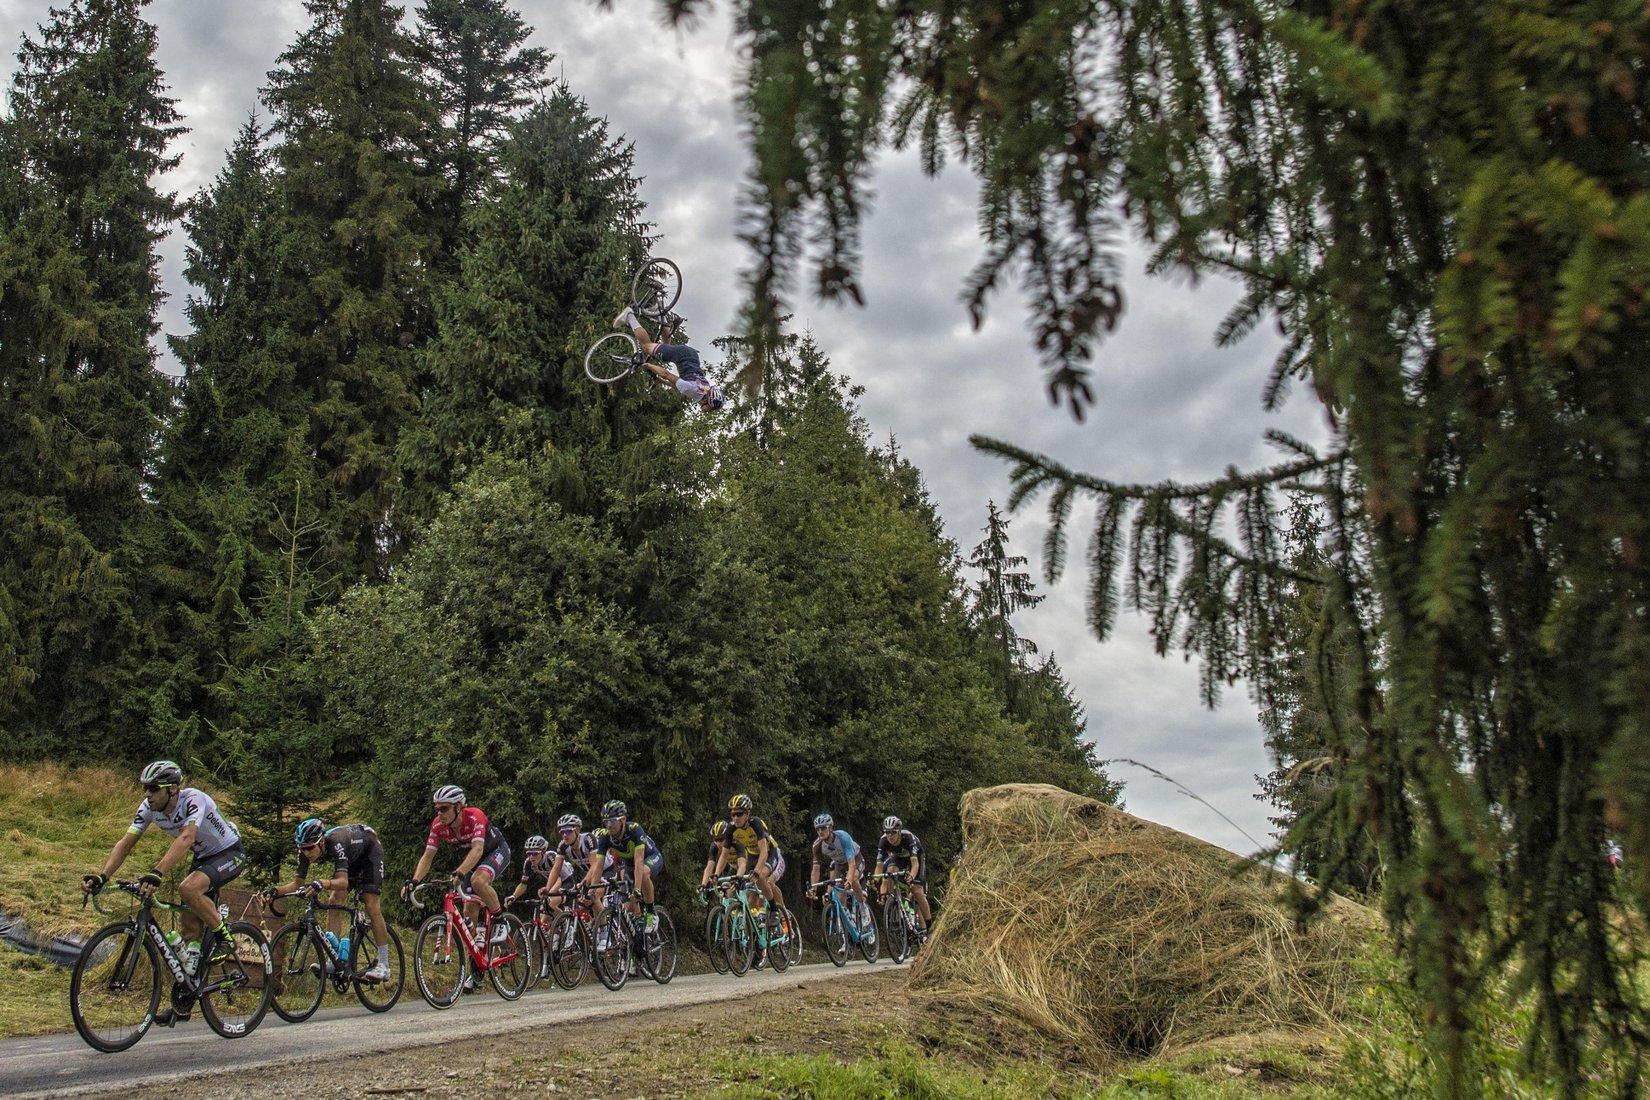 Espectacular Acrobàcia Sobre El Tour De Polònia